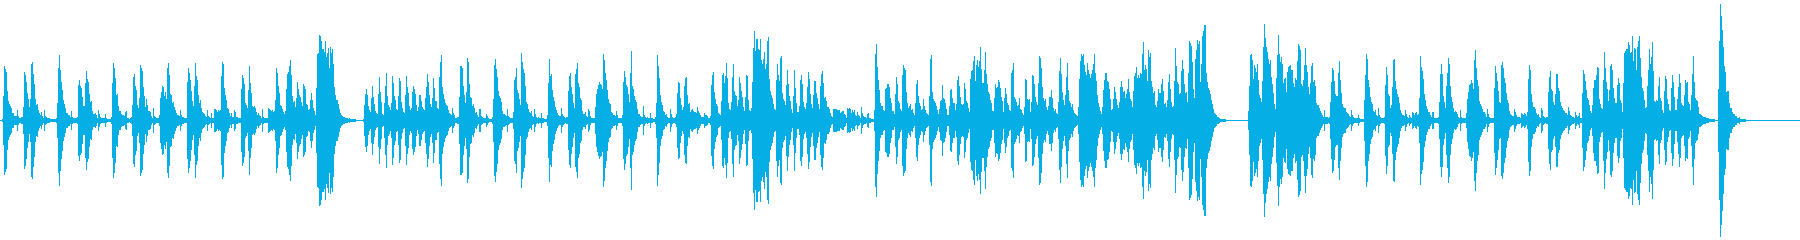 怪しい 不安 推理 奇妙 ストリングスの再生済みの波形